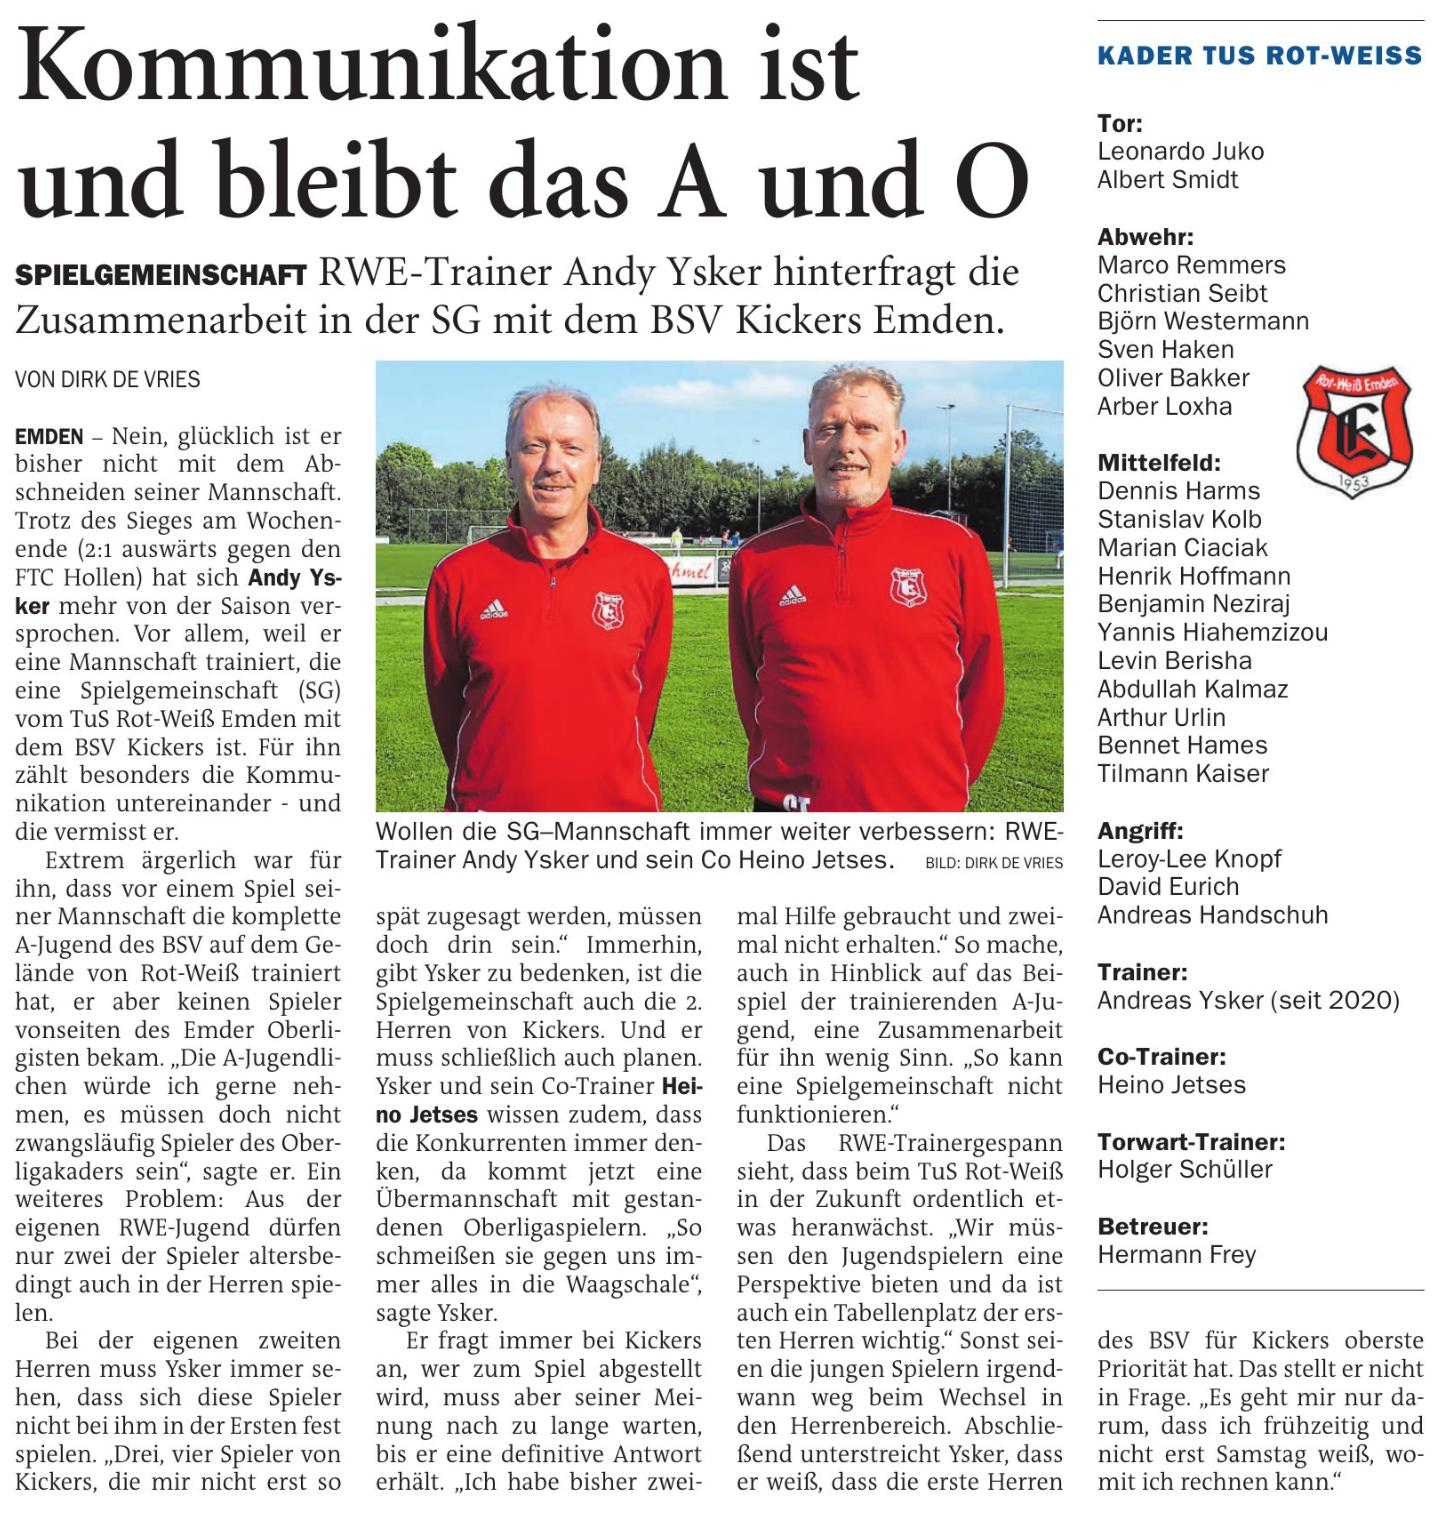 RWE-Trainer Andy Yasker hinterfragt die Zusammenarbeit in der SG mit dem BSV Kickers Emden